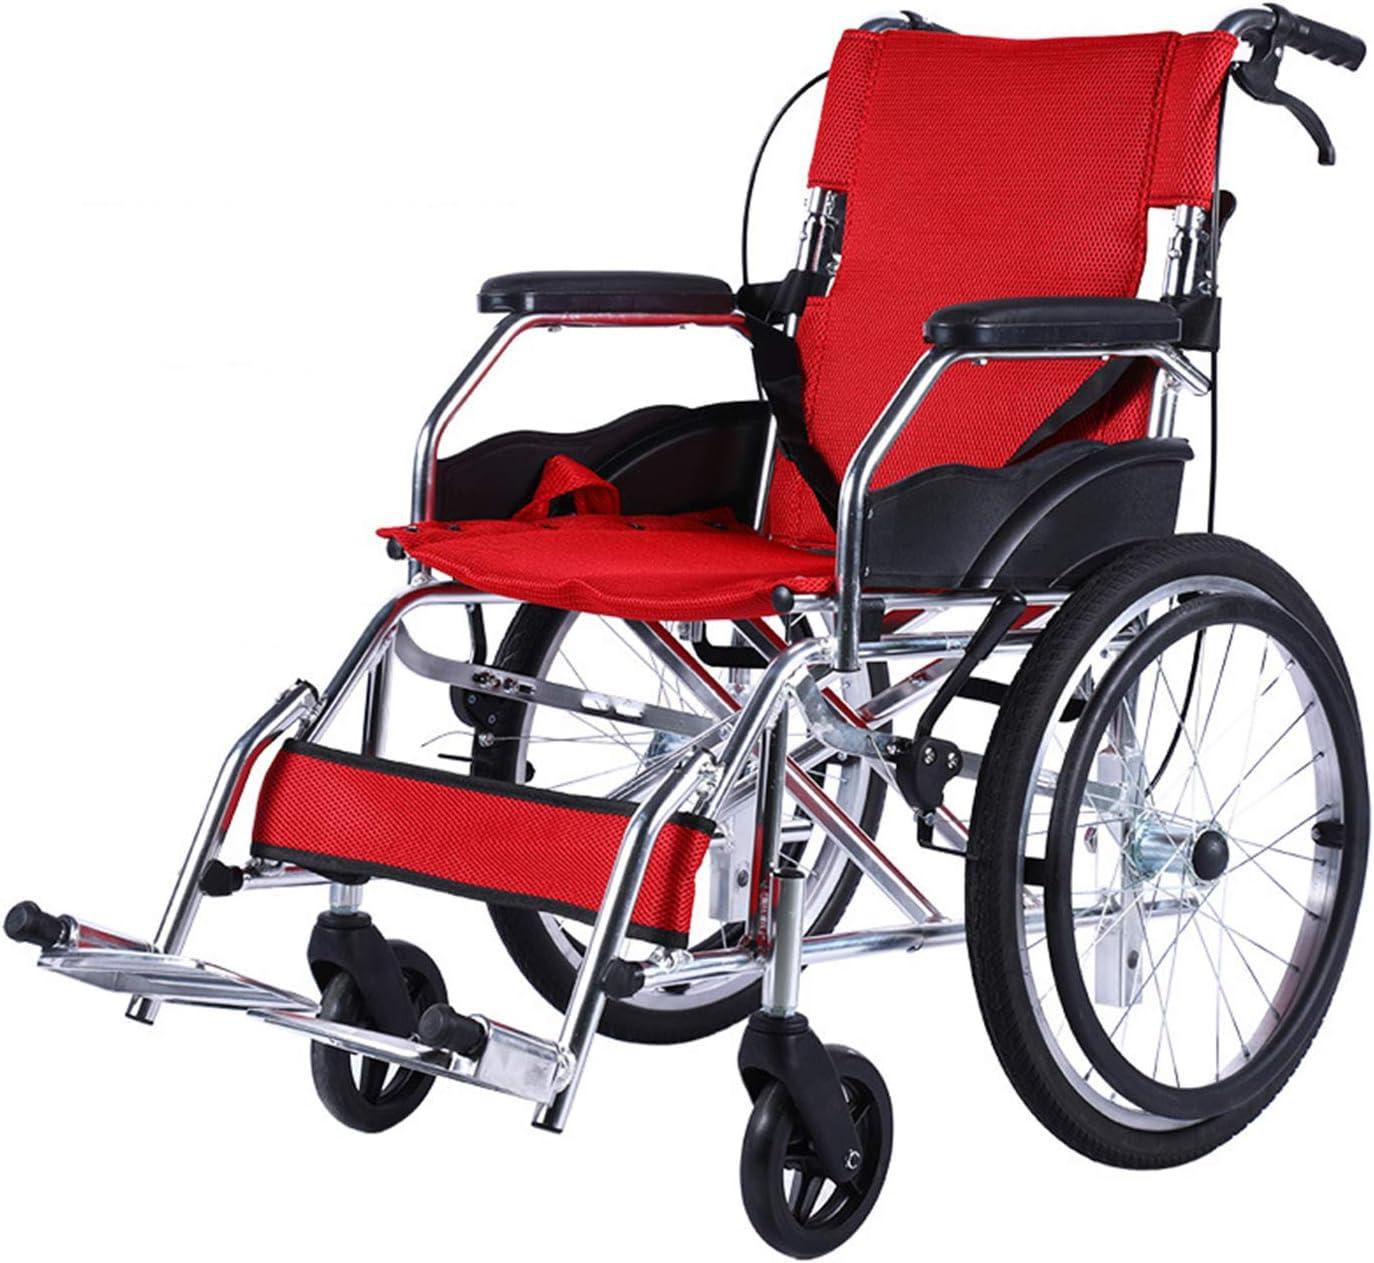 Unbne Trolleys portátiles para Las Personas Mayores Plegables para sillas de Ruedas Drive Medical Lightweight Acero Transporte Silla de Ruedas Anciana Discapacitada Scooter Luz Sillas de Ruedas,B